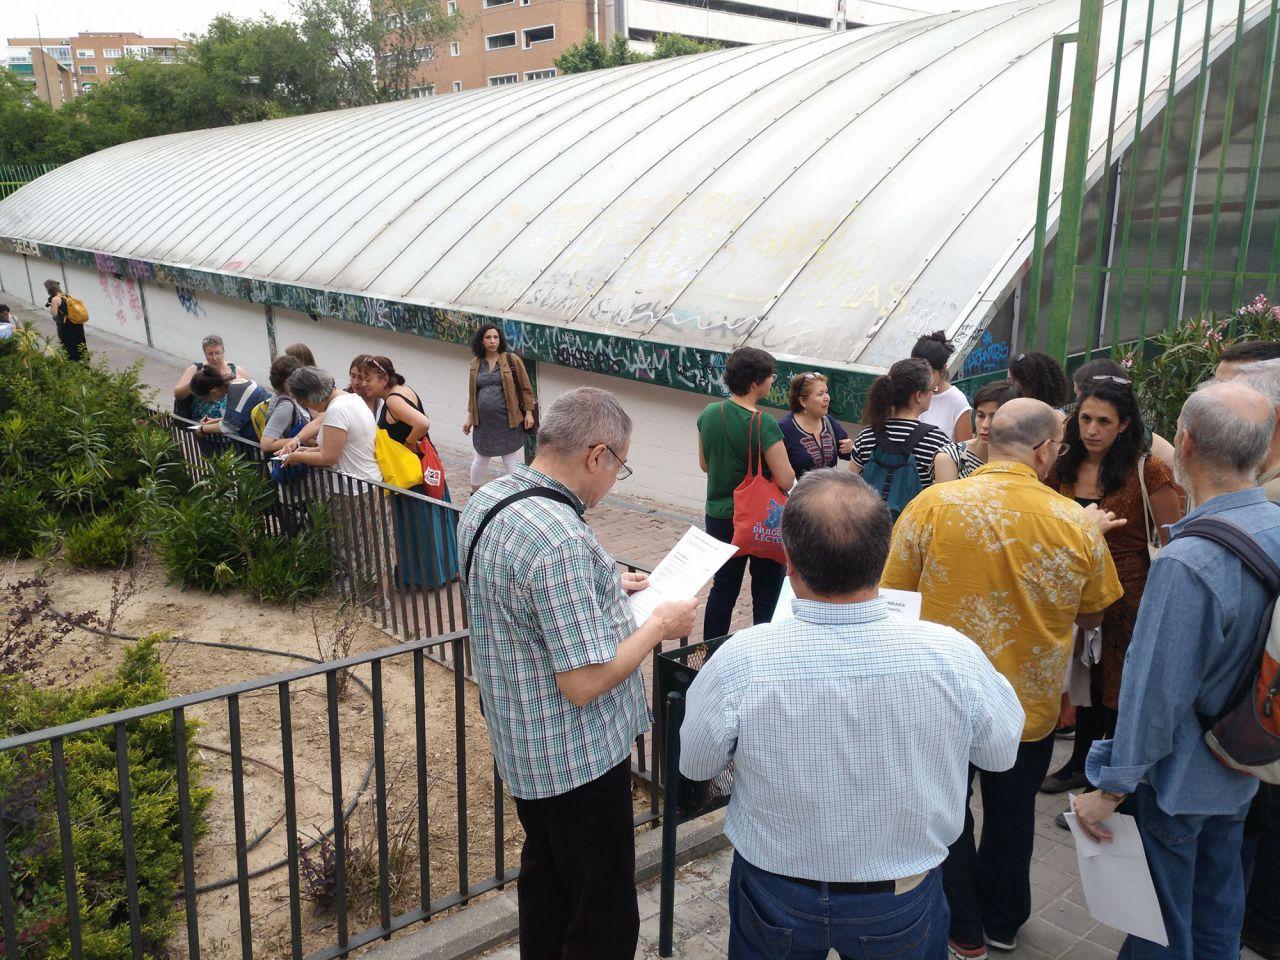 Imágenes de las dos primeras reuniones con vecinos de emPLÁZAte, con visitas a las cuatro plazas a remodelar.